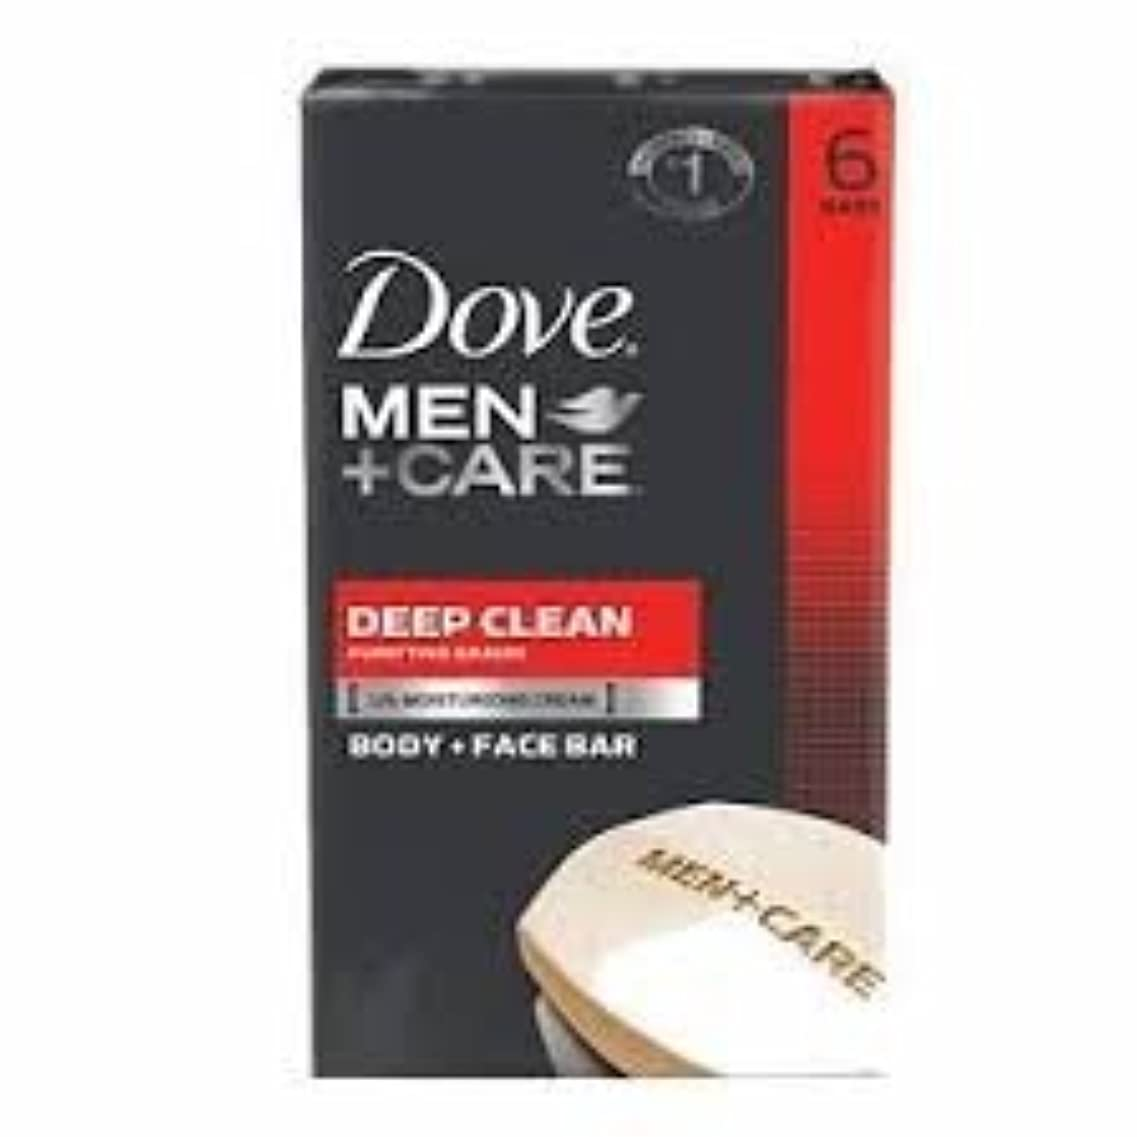 インタラクショントレード到着するDove Men + Care Body and Face Bar, Deep Clean 4oz x 6Bars ダブ メン プラスケア ディープ クリーン ソープ 4oz x 6個